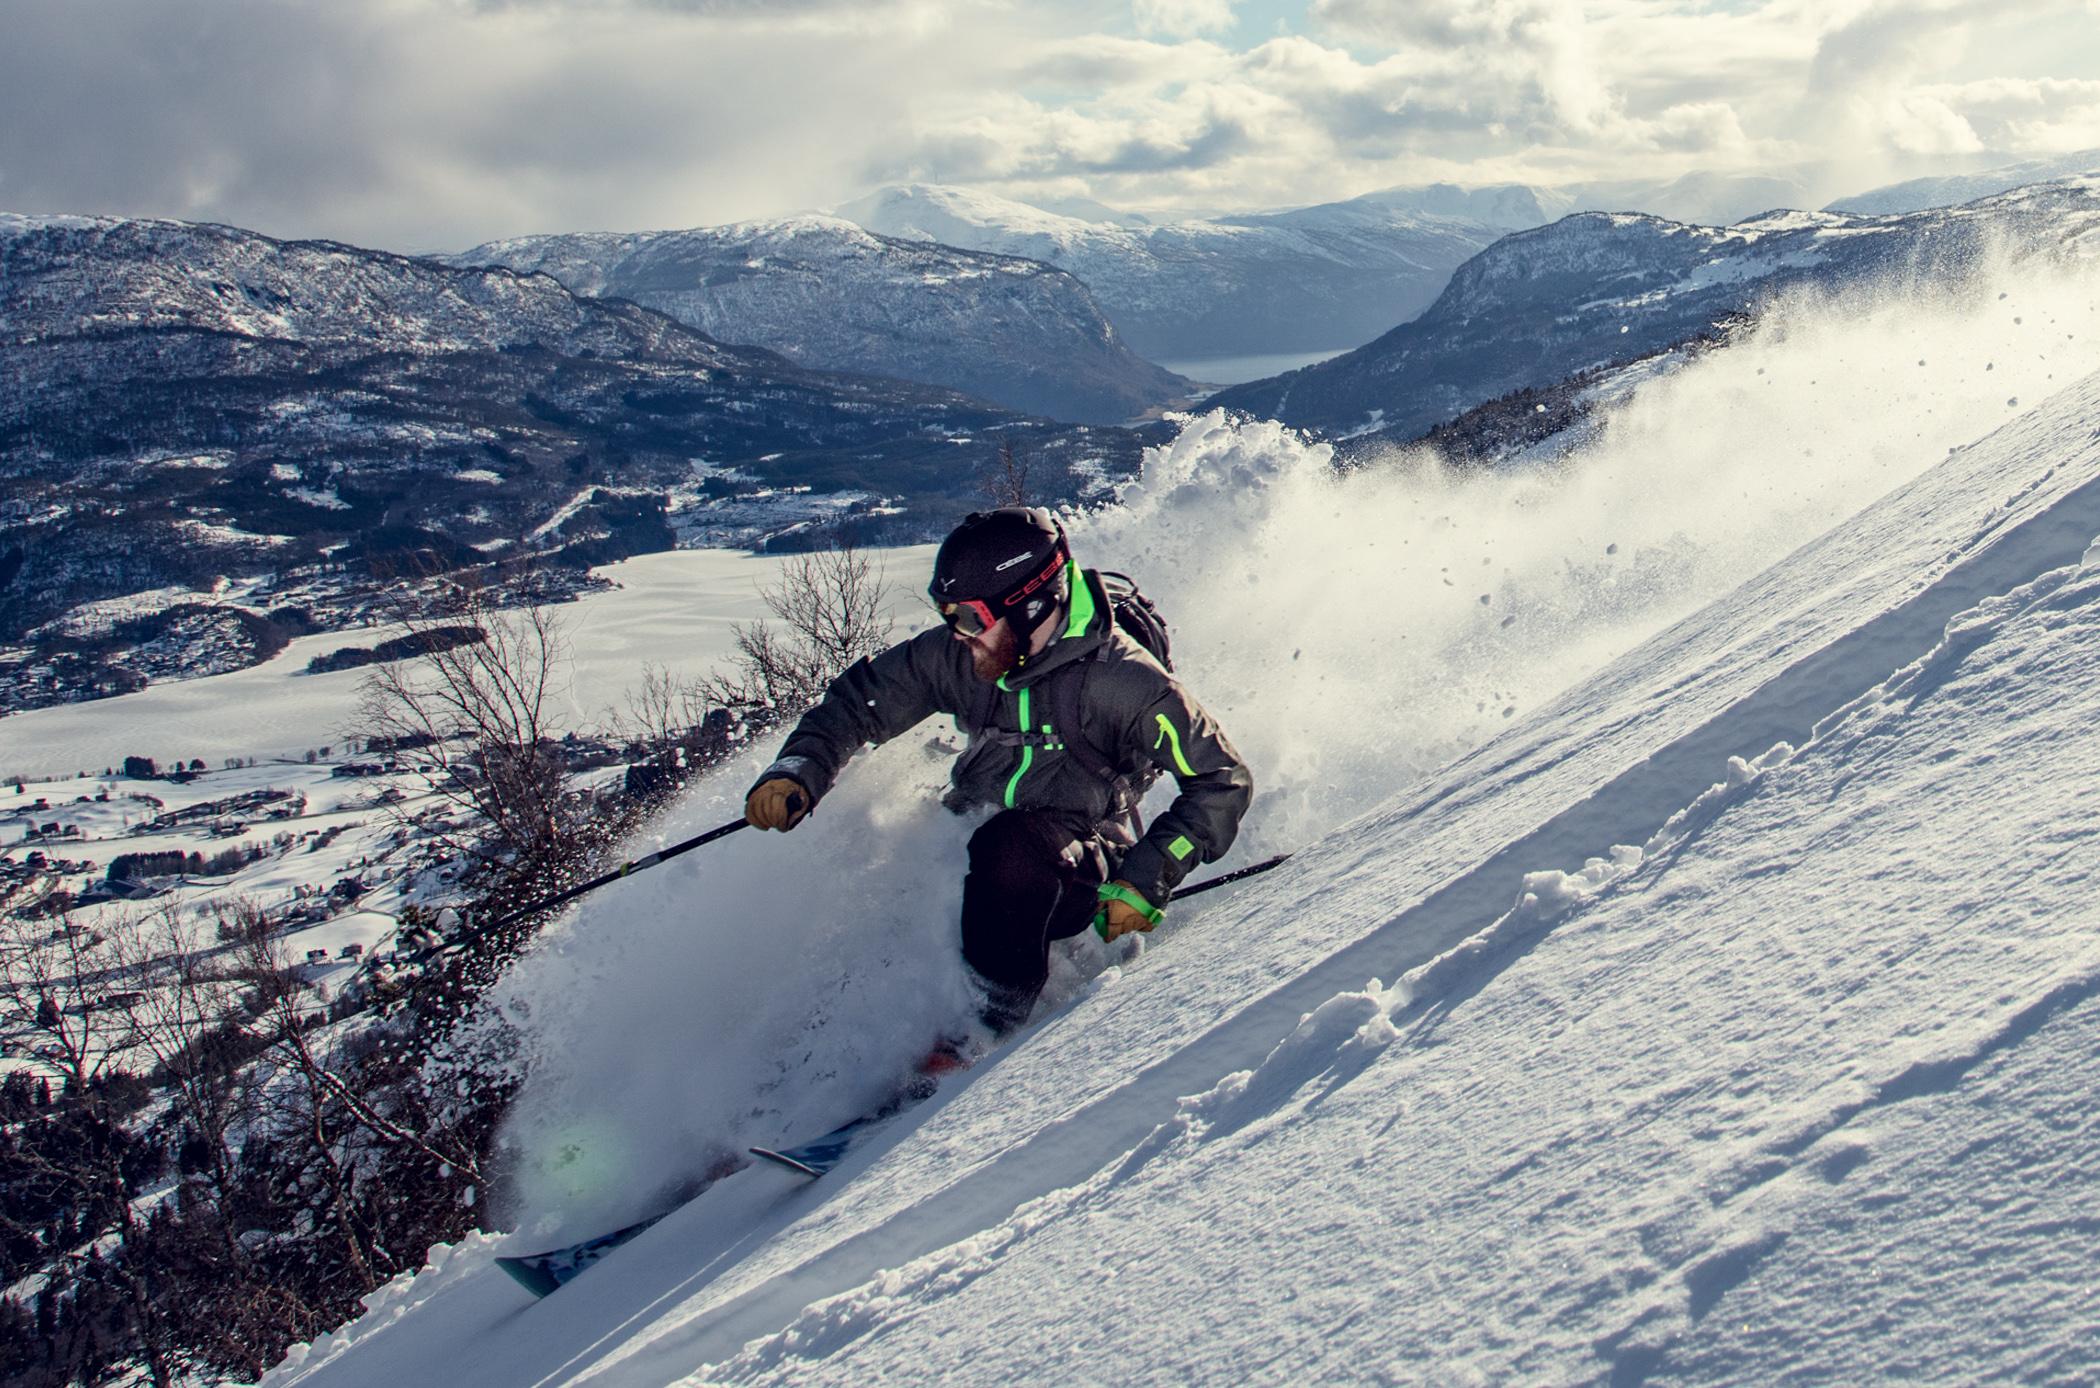 FJORD OG FJELL: Skipatruljens lokale kjentmann Lars Tore Lesteberg presenterer Sogn Skisenter fra en svært oppegående dag i mars. Bilde: Bård Gundersen